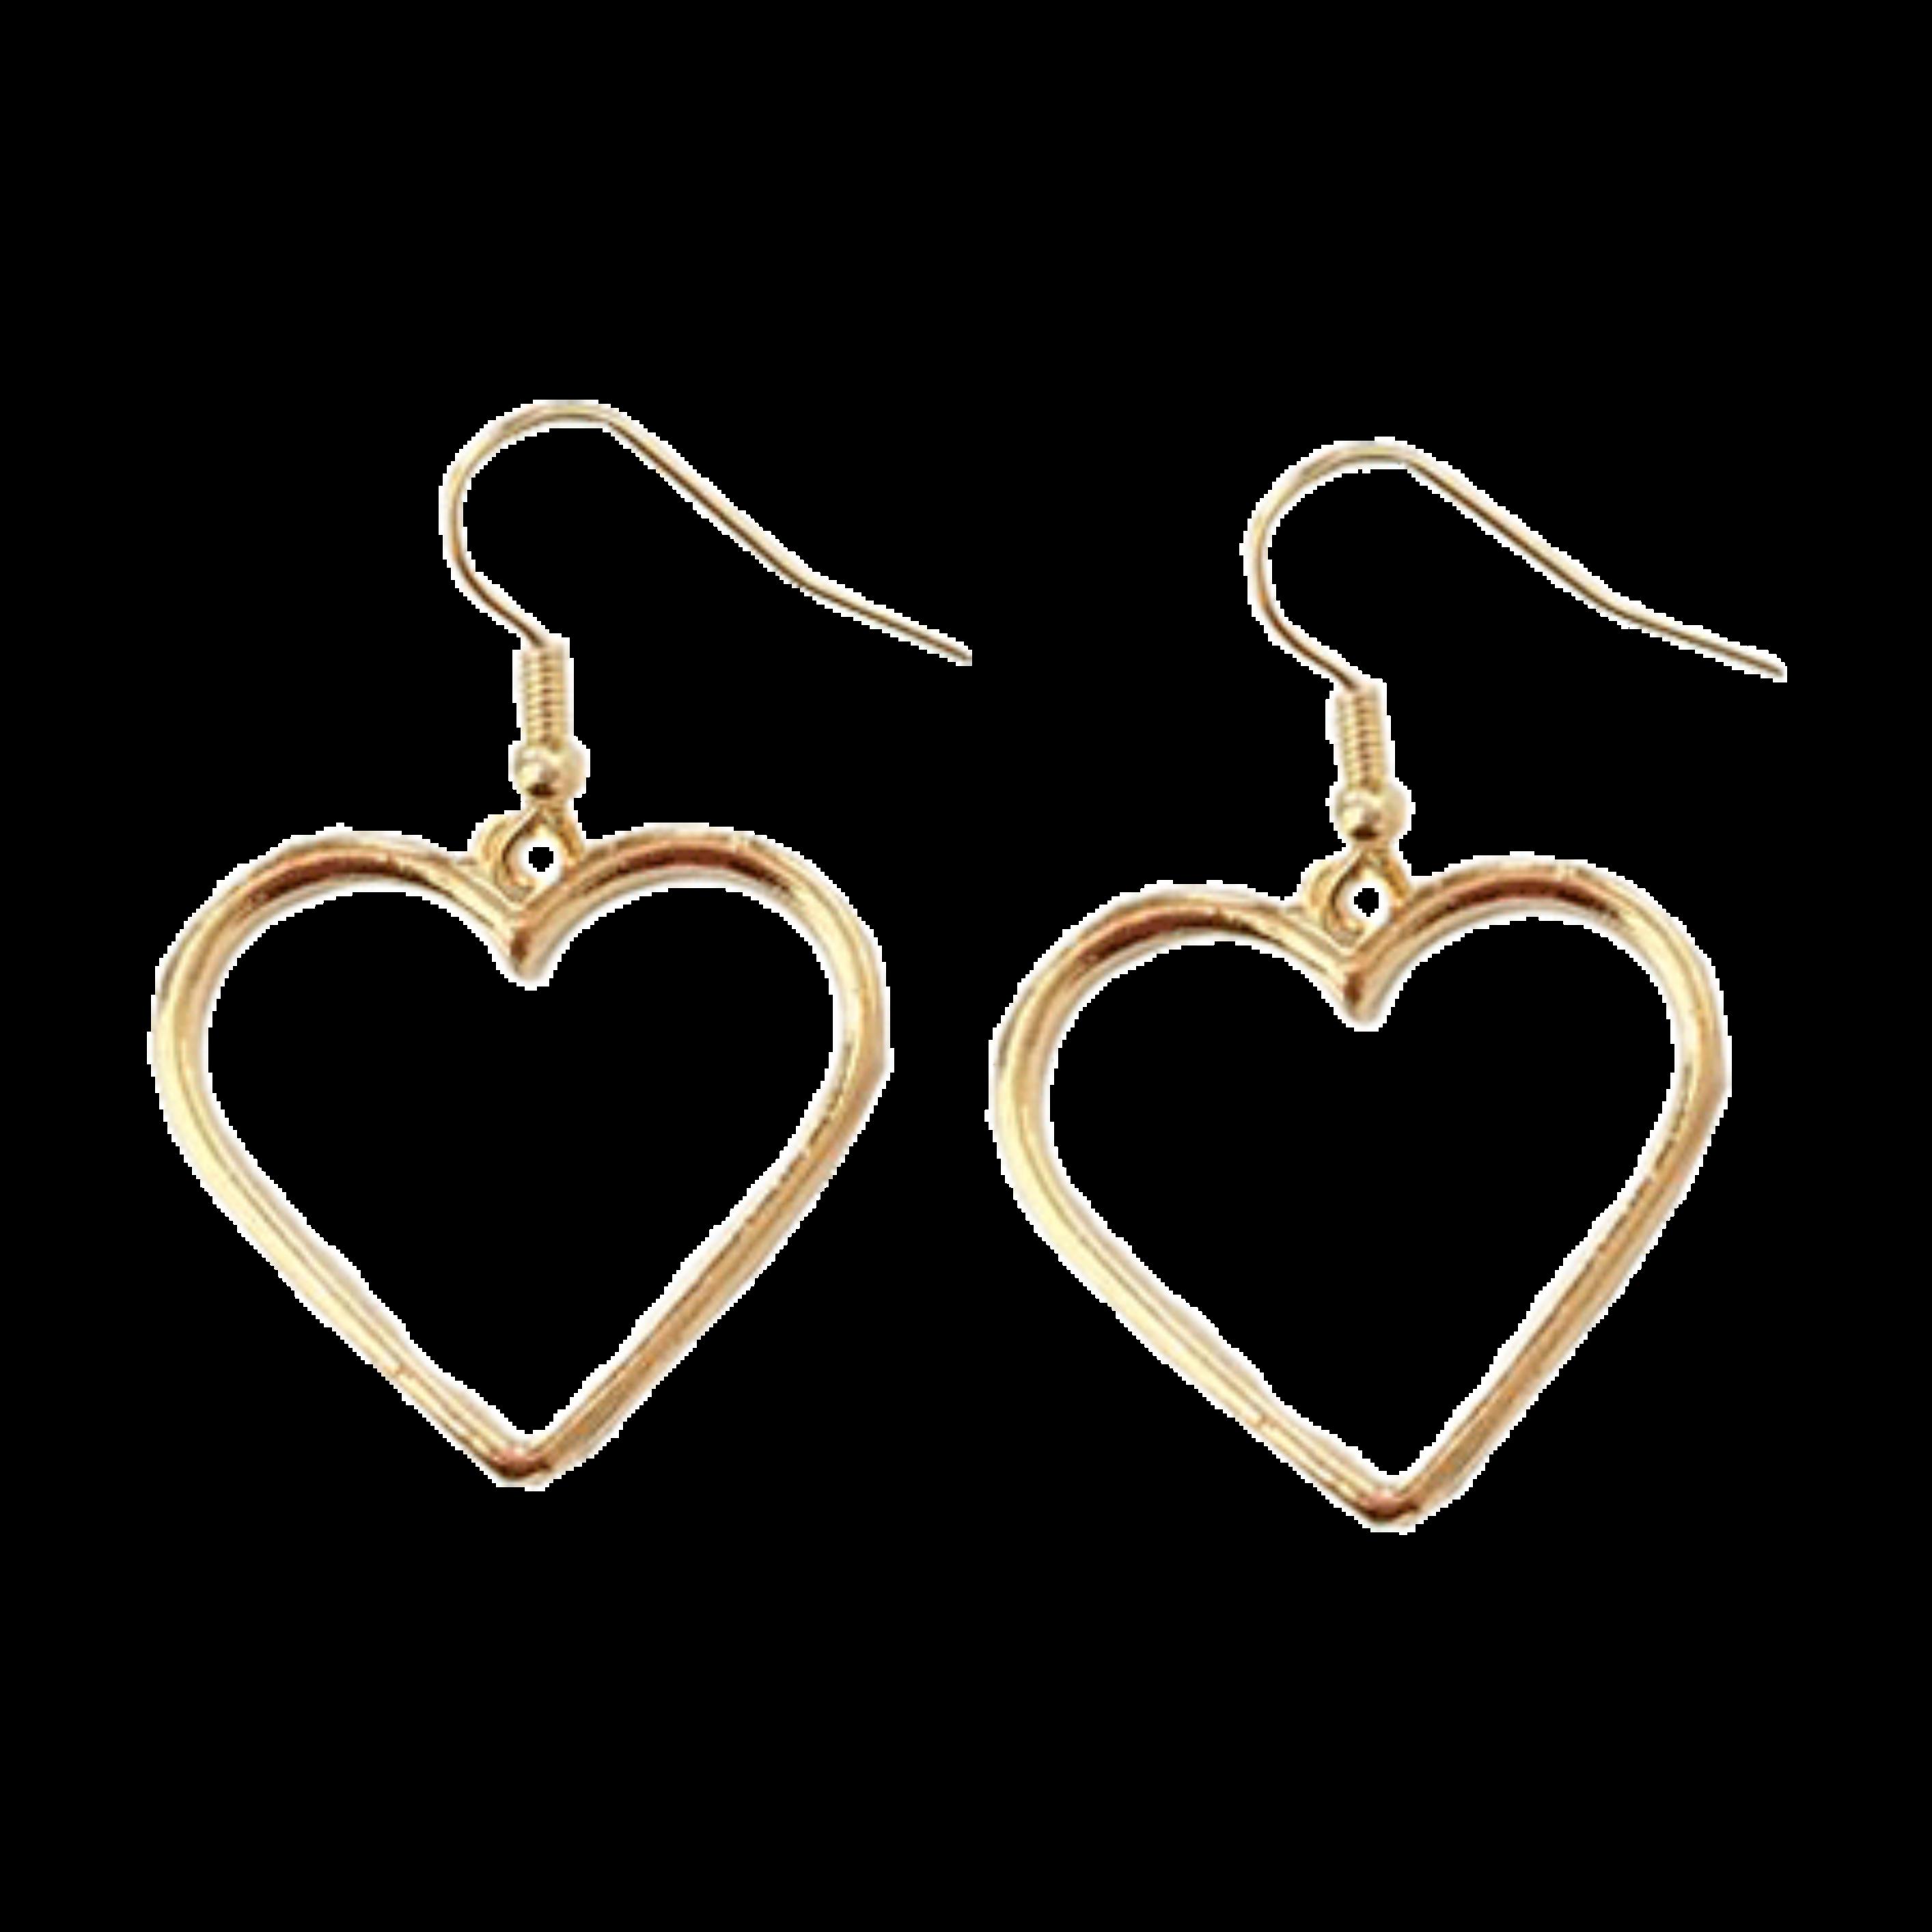 Png Modboard Joyas Aretes Modern Earrings Heart Earrings Small Silver Hoop Earrings